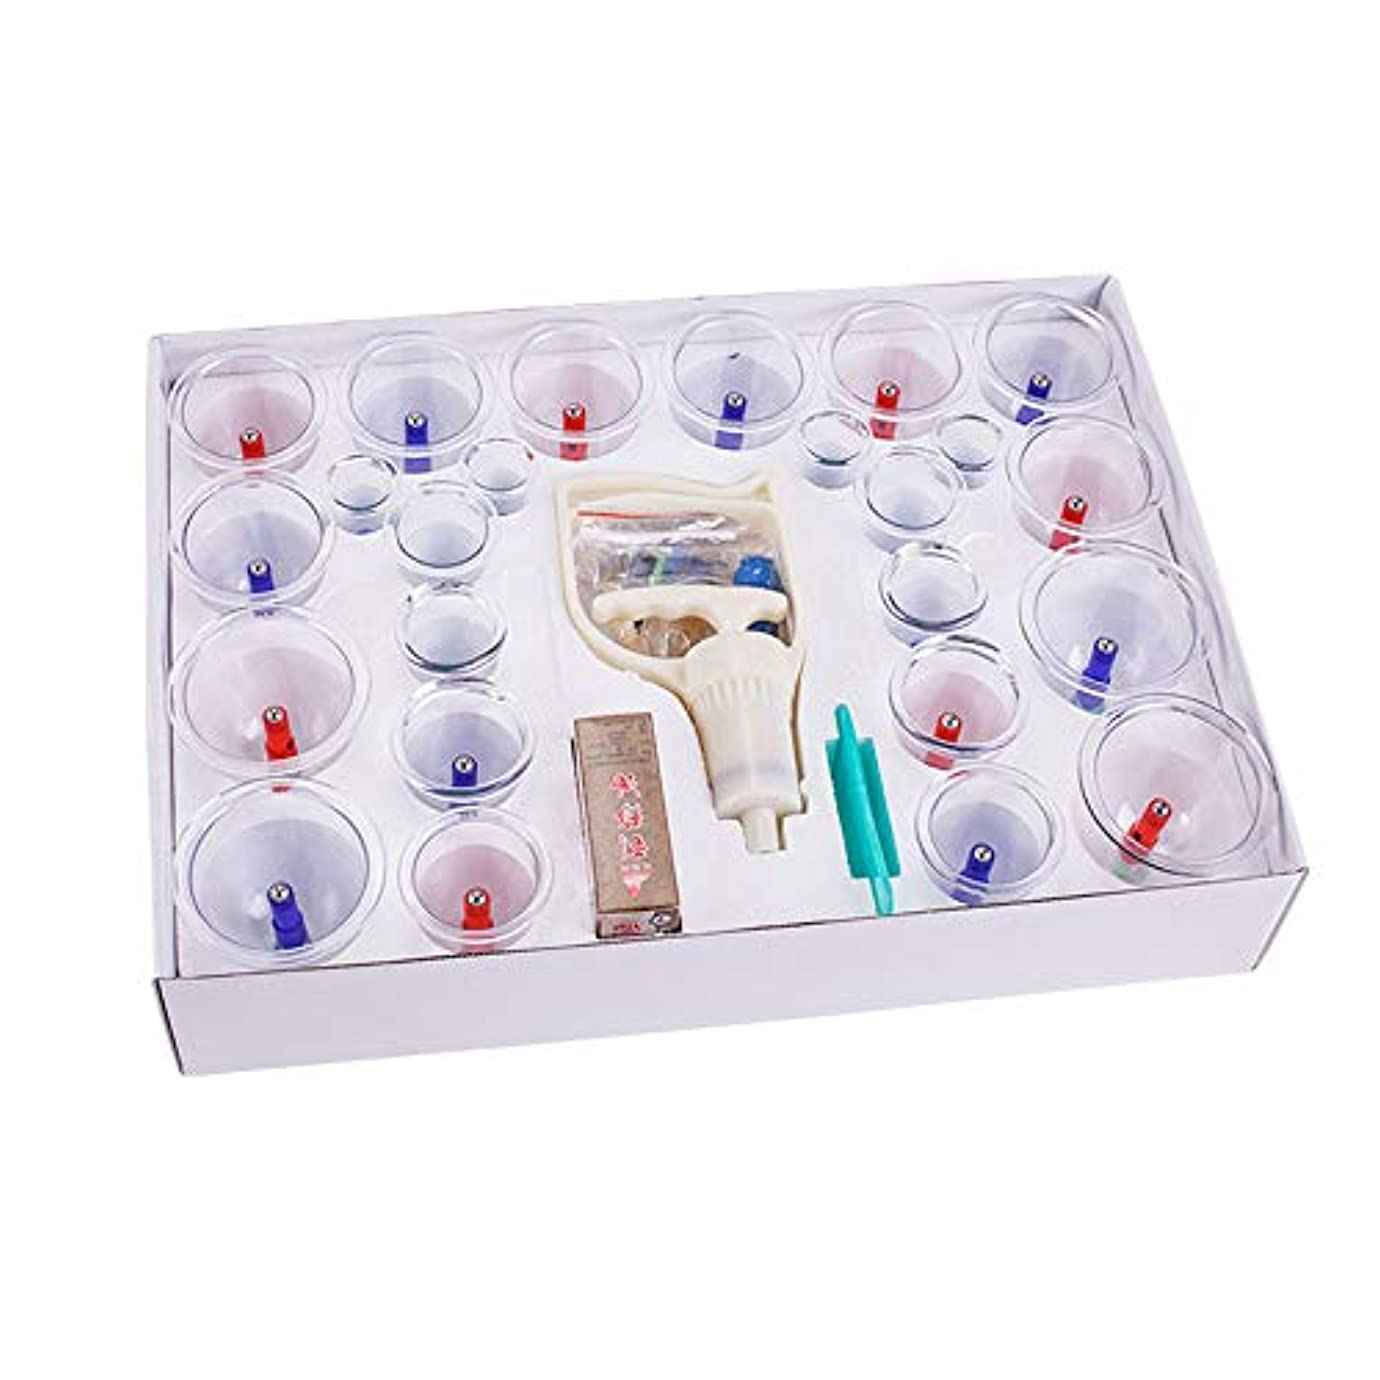 カッピング装置 - 専門のカッピング治療装置24カップは、大人と高齢者に適したポンプと伸展チューブで設定 美しさ